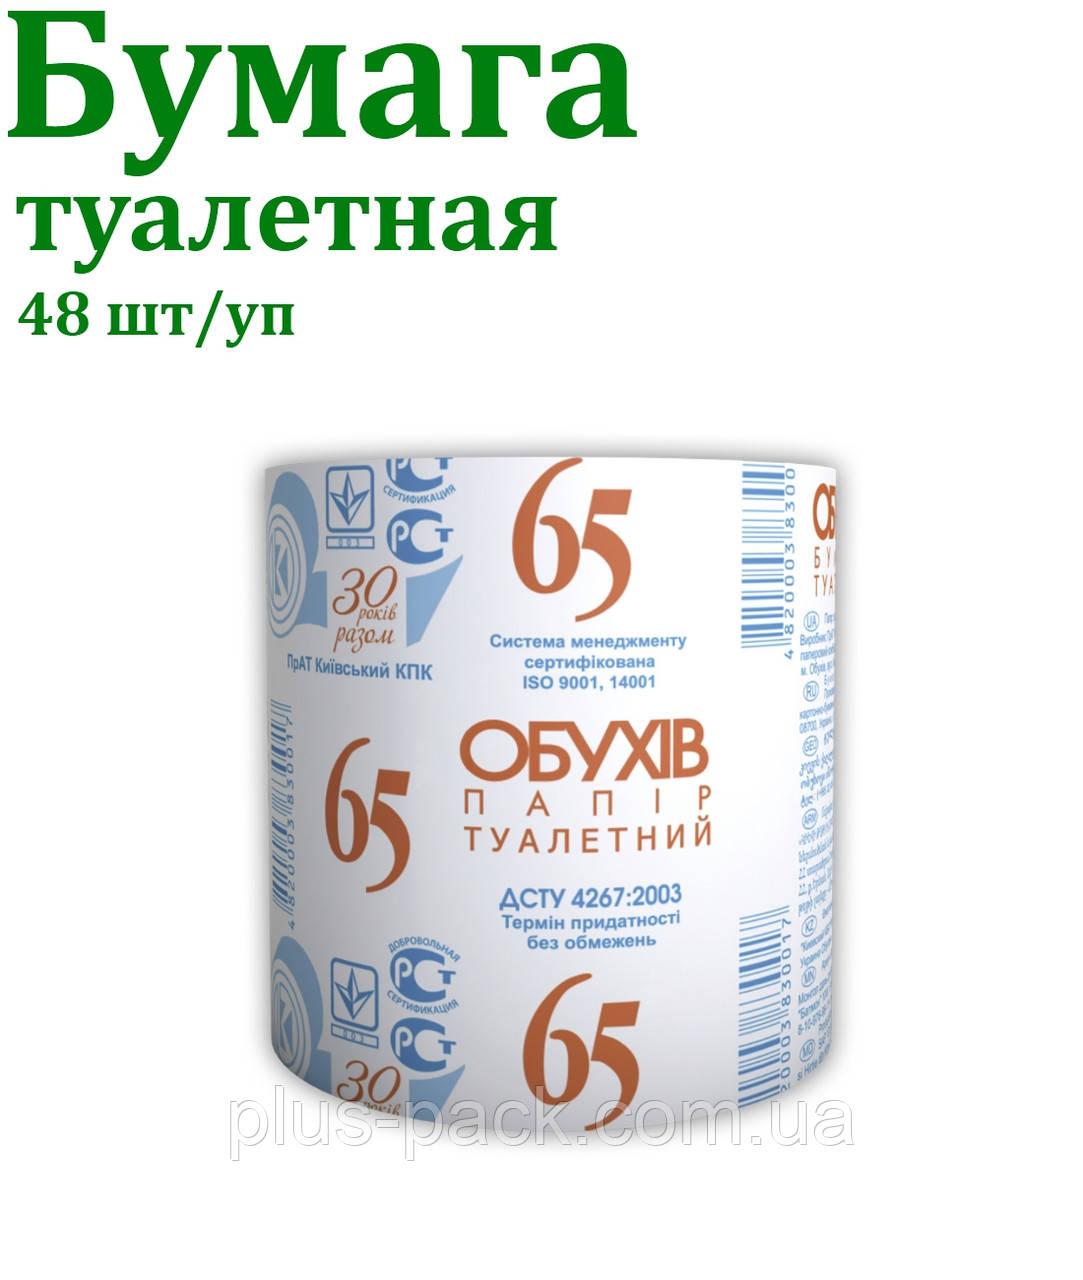 Туалетний папір б/гільзи Обухів, 48шт/ящ